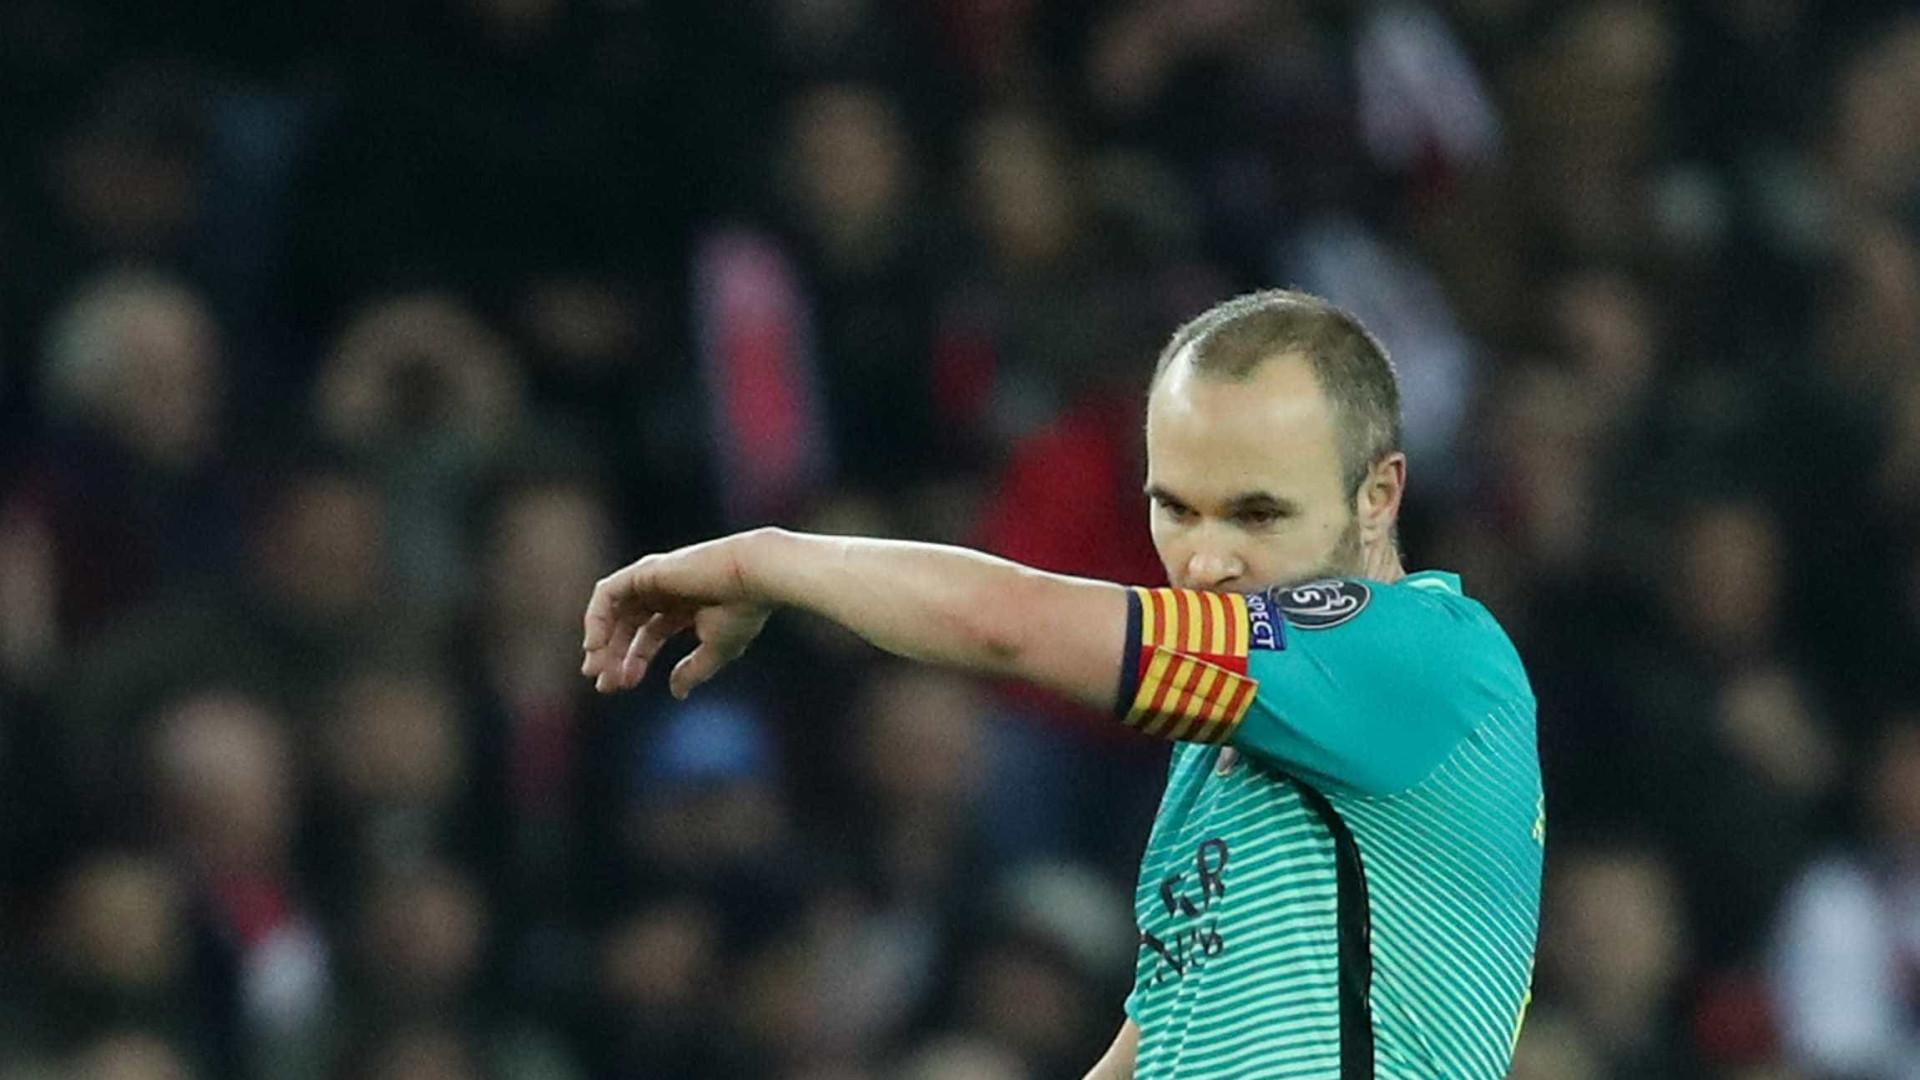 Futuro de Iniesta está 'em jogo' e com data marcada